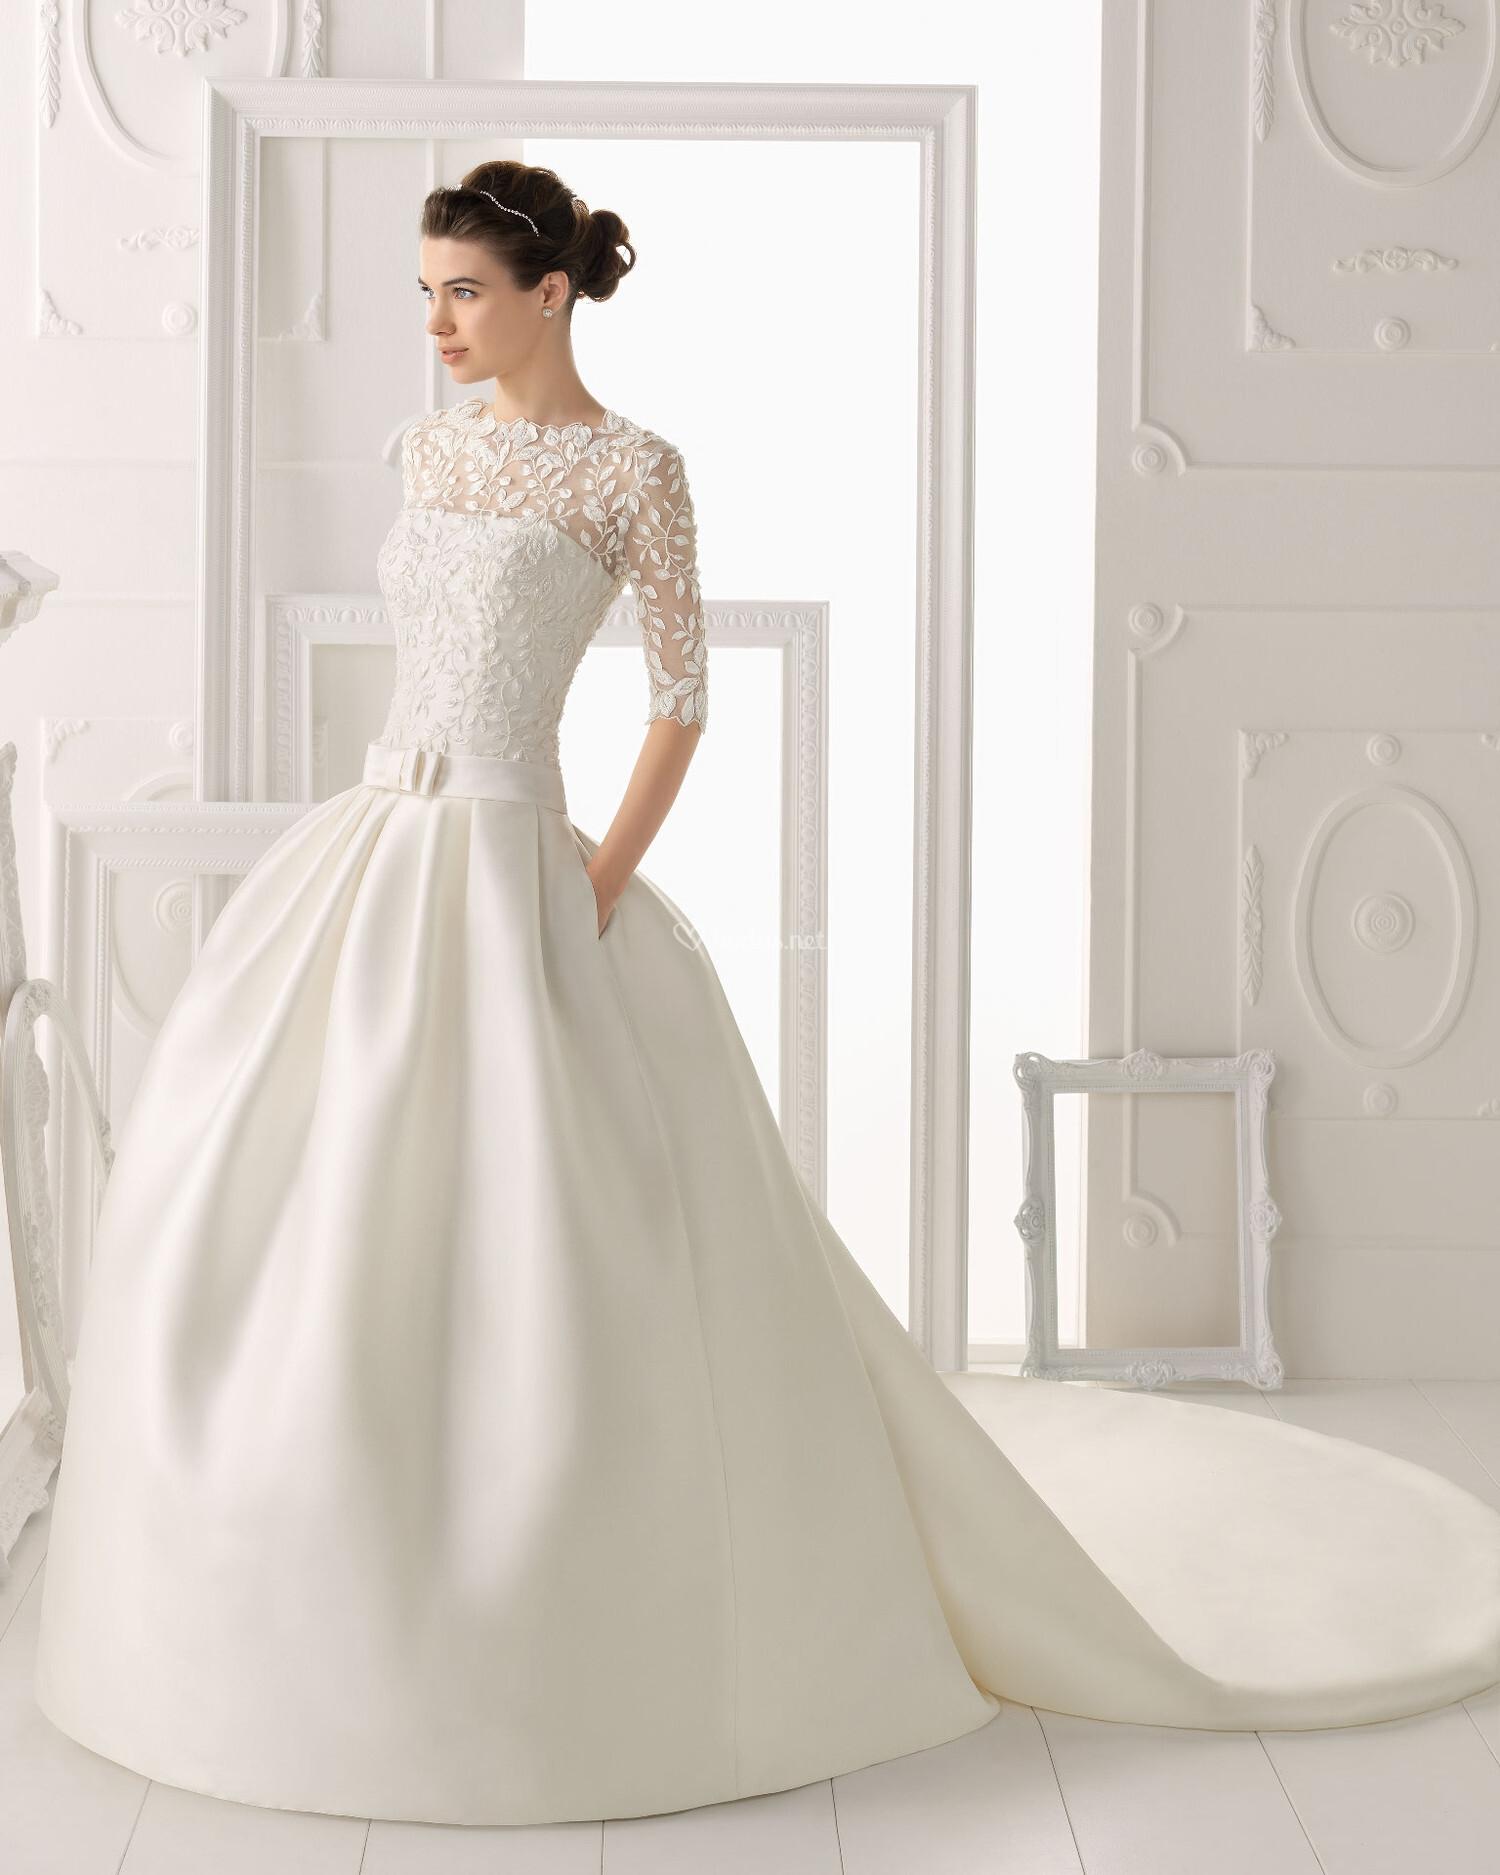 b42df88bff330 Vestido de novia con mangas